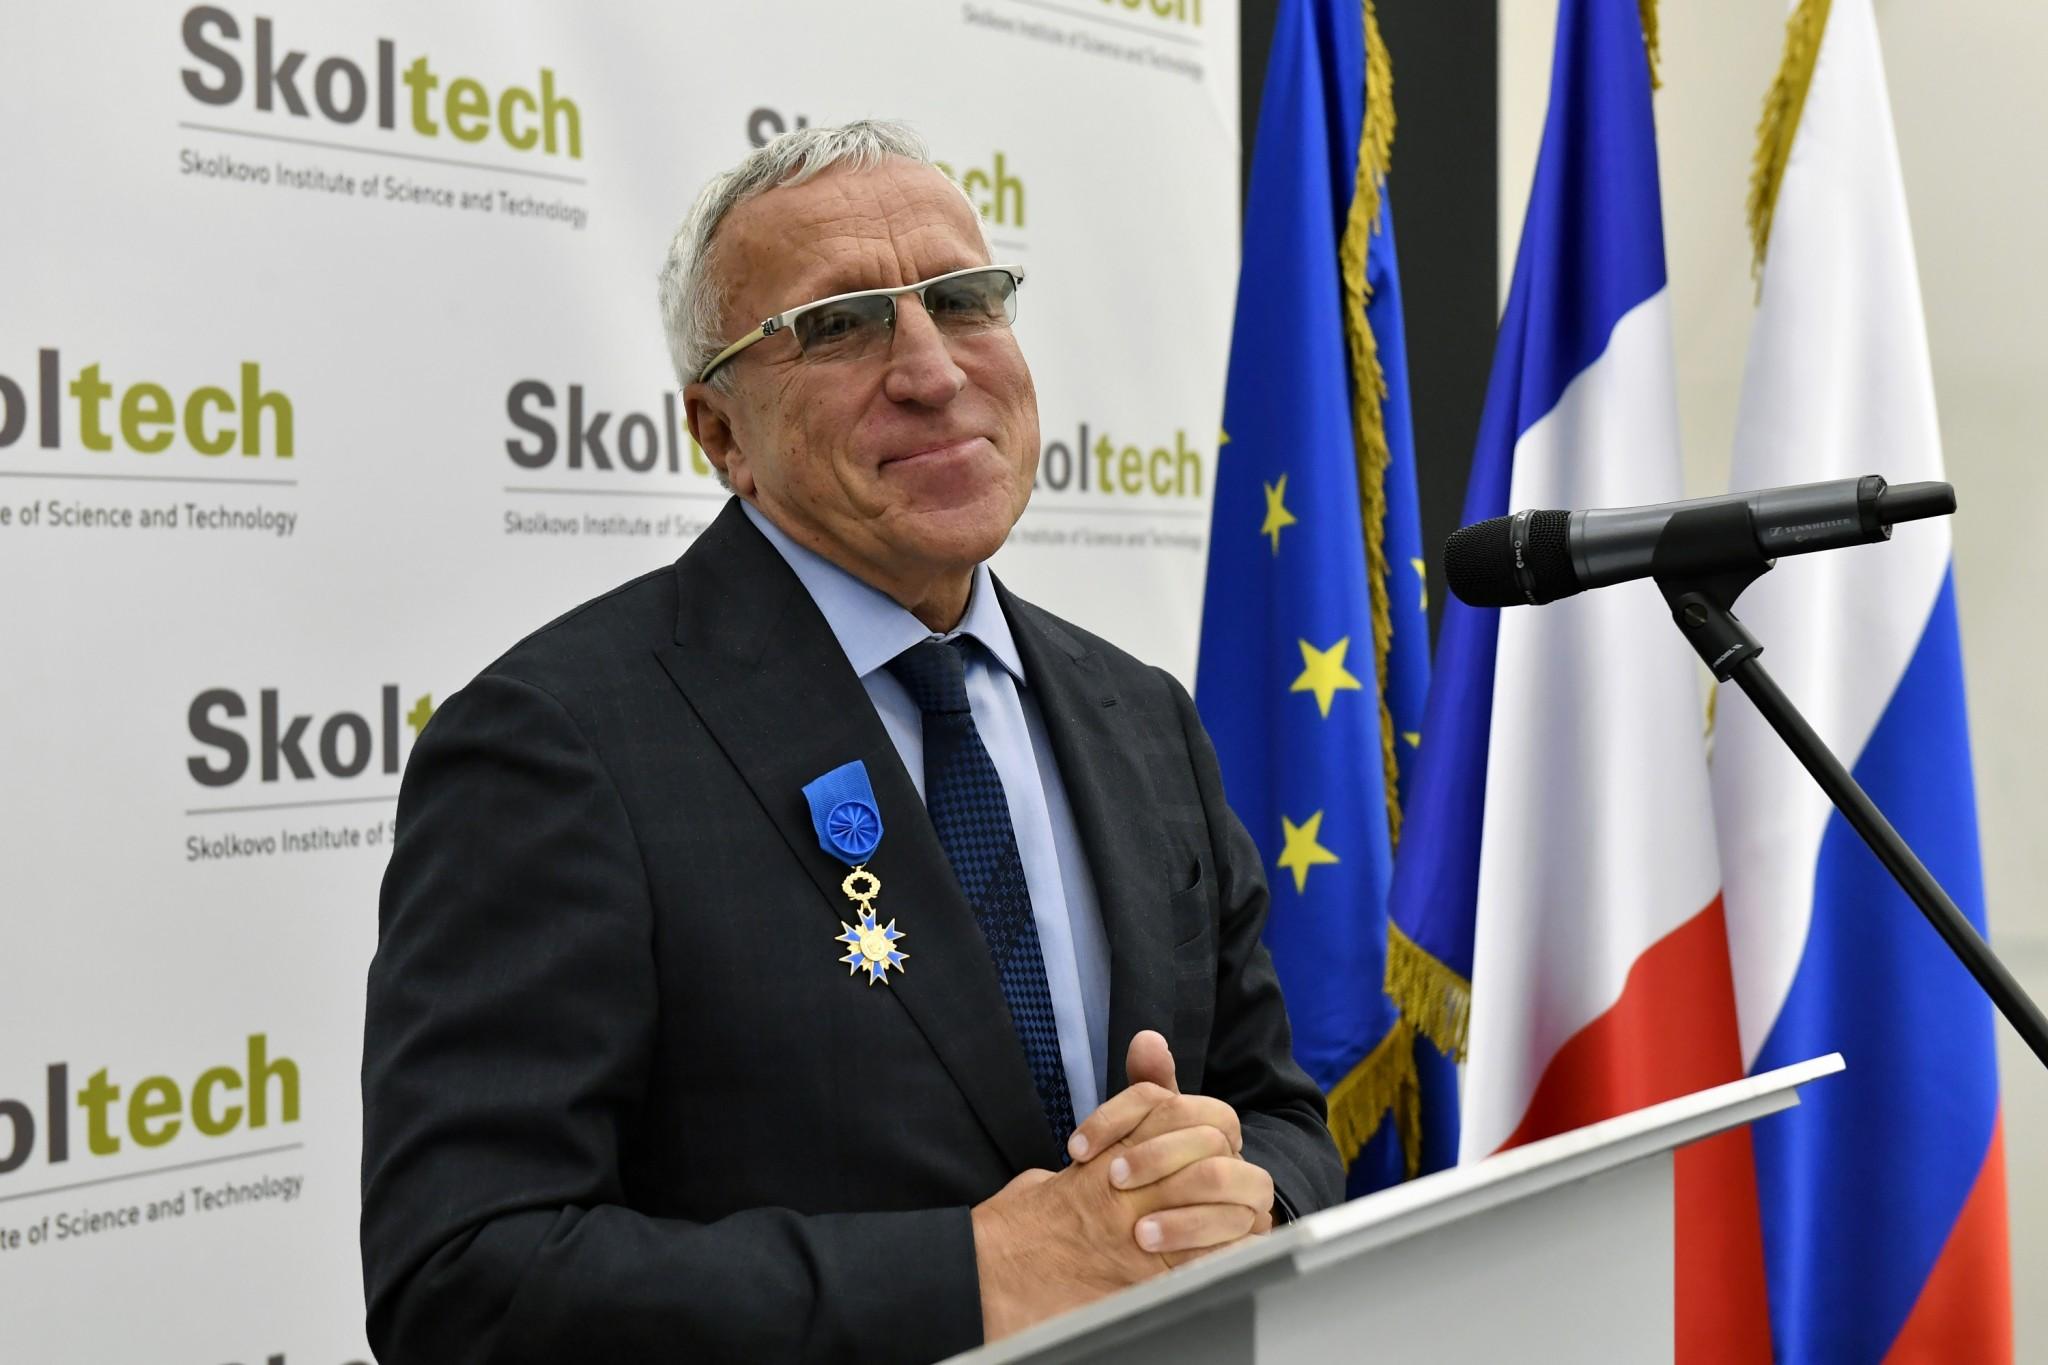 President Alexander Kuleshov at the award ceremony. Photo: Skoltech.